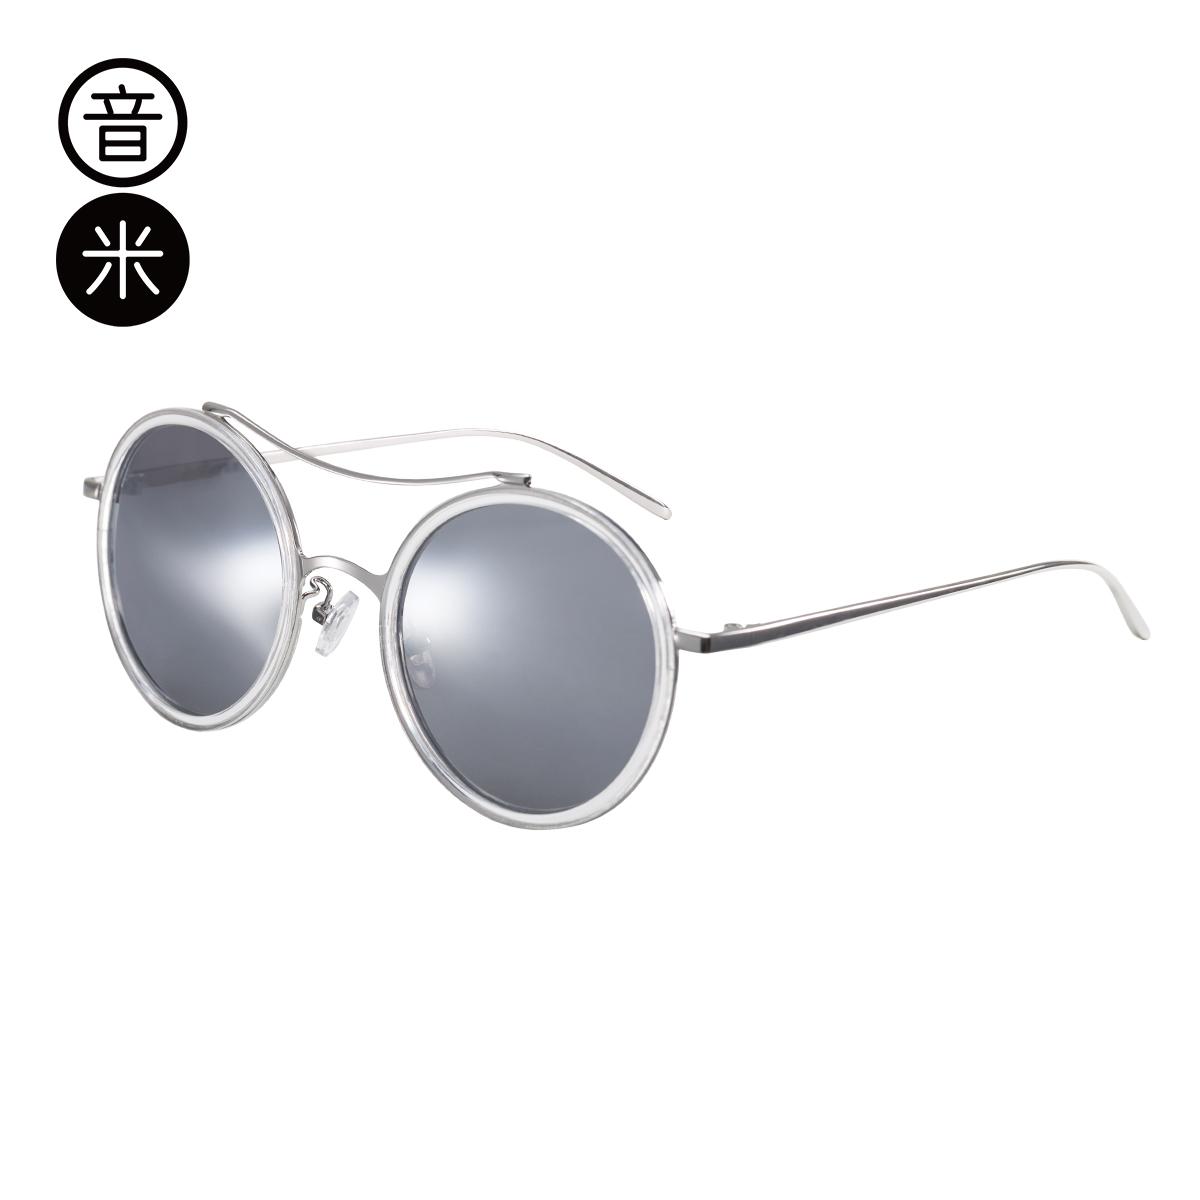 音米摩登偏光太阳镜开车眼镜驾驶镜复古眼镜墨镜女潮圆脸